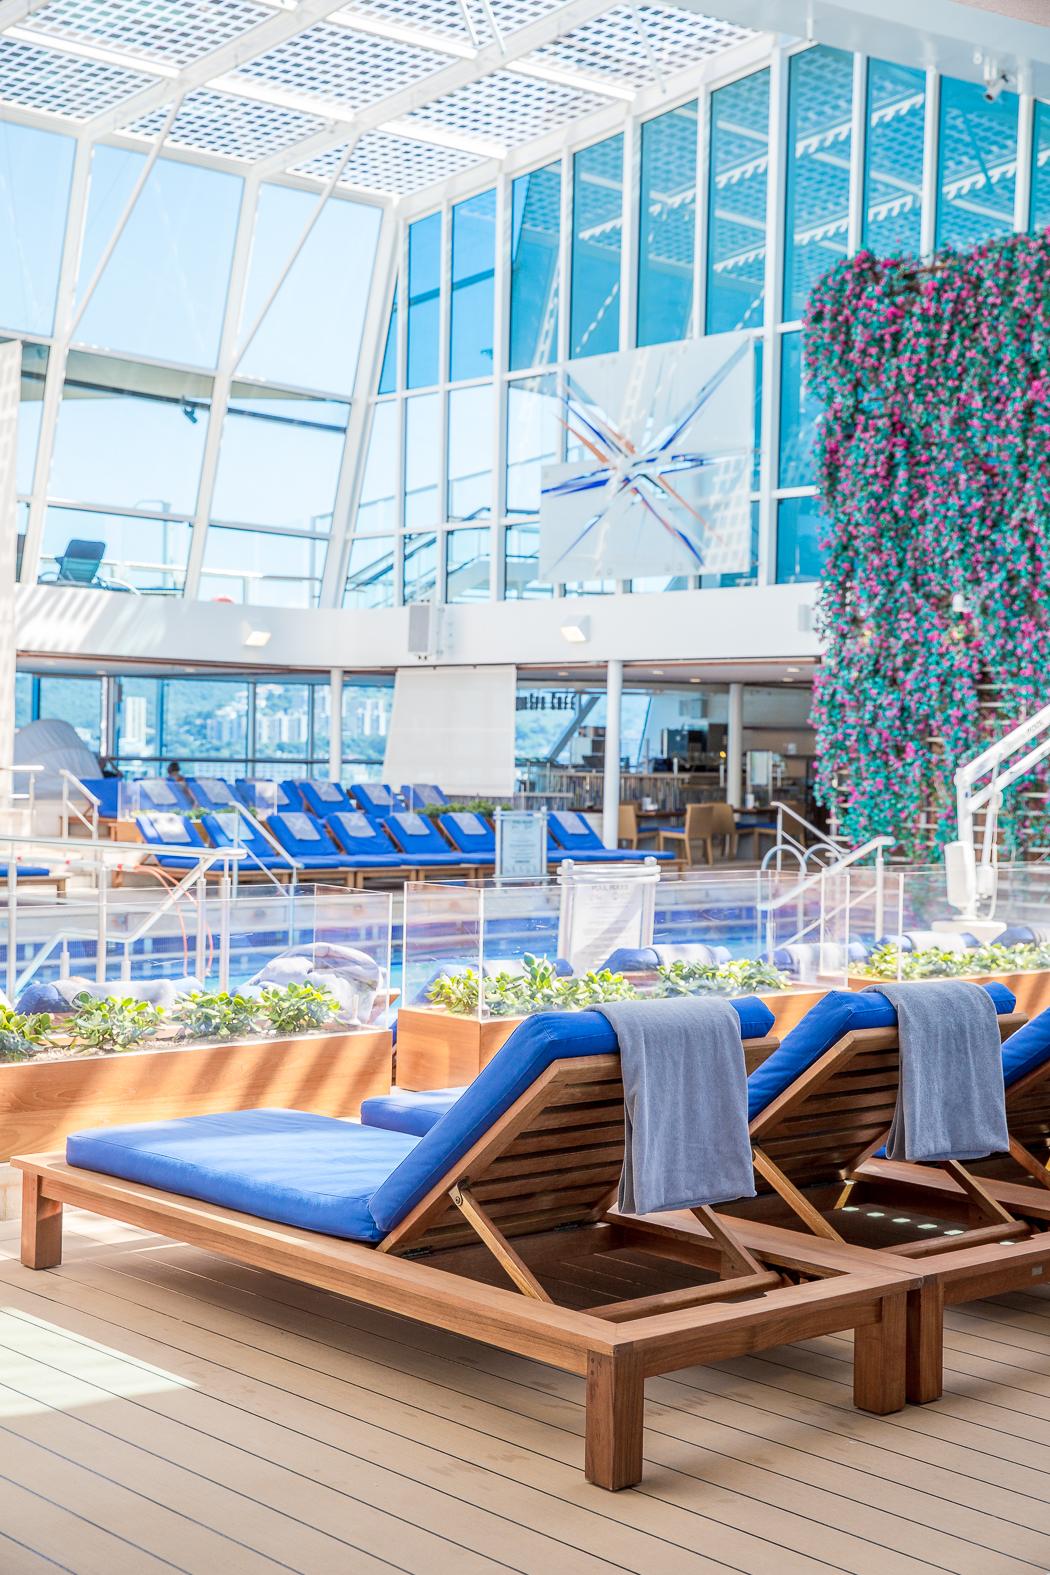 IMG_8089_celebrity cruises